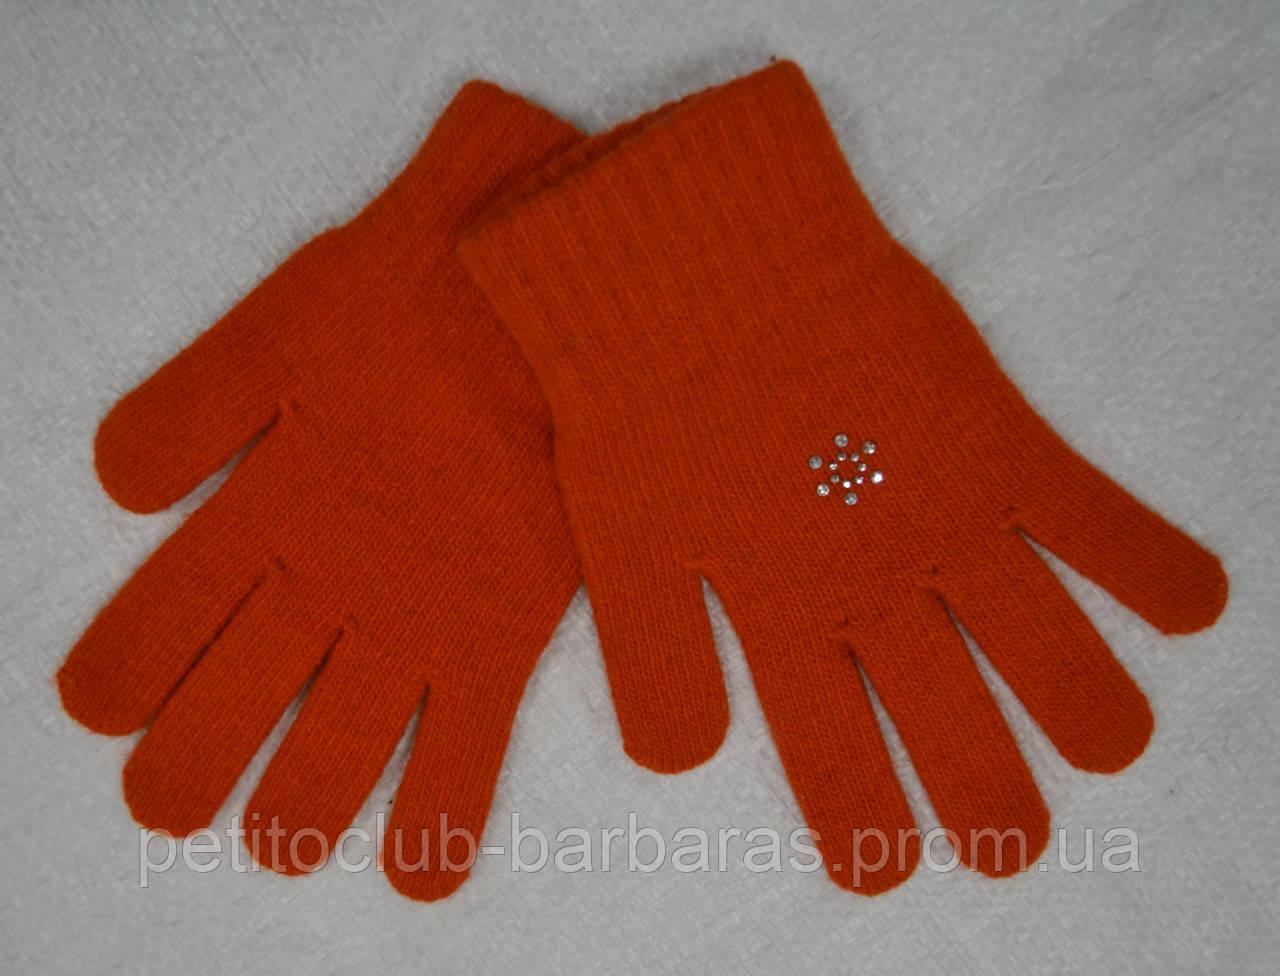 Перчатки для девочки Wool Dzet шерстяные (MargotBis, Польша)